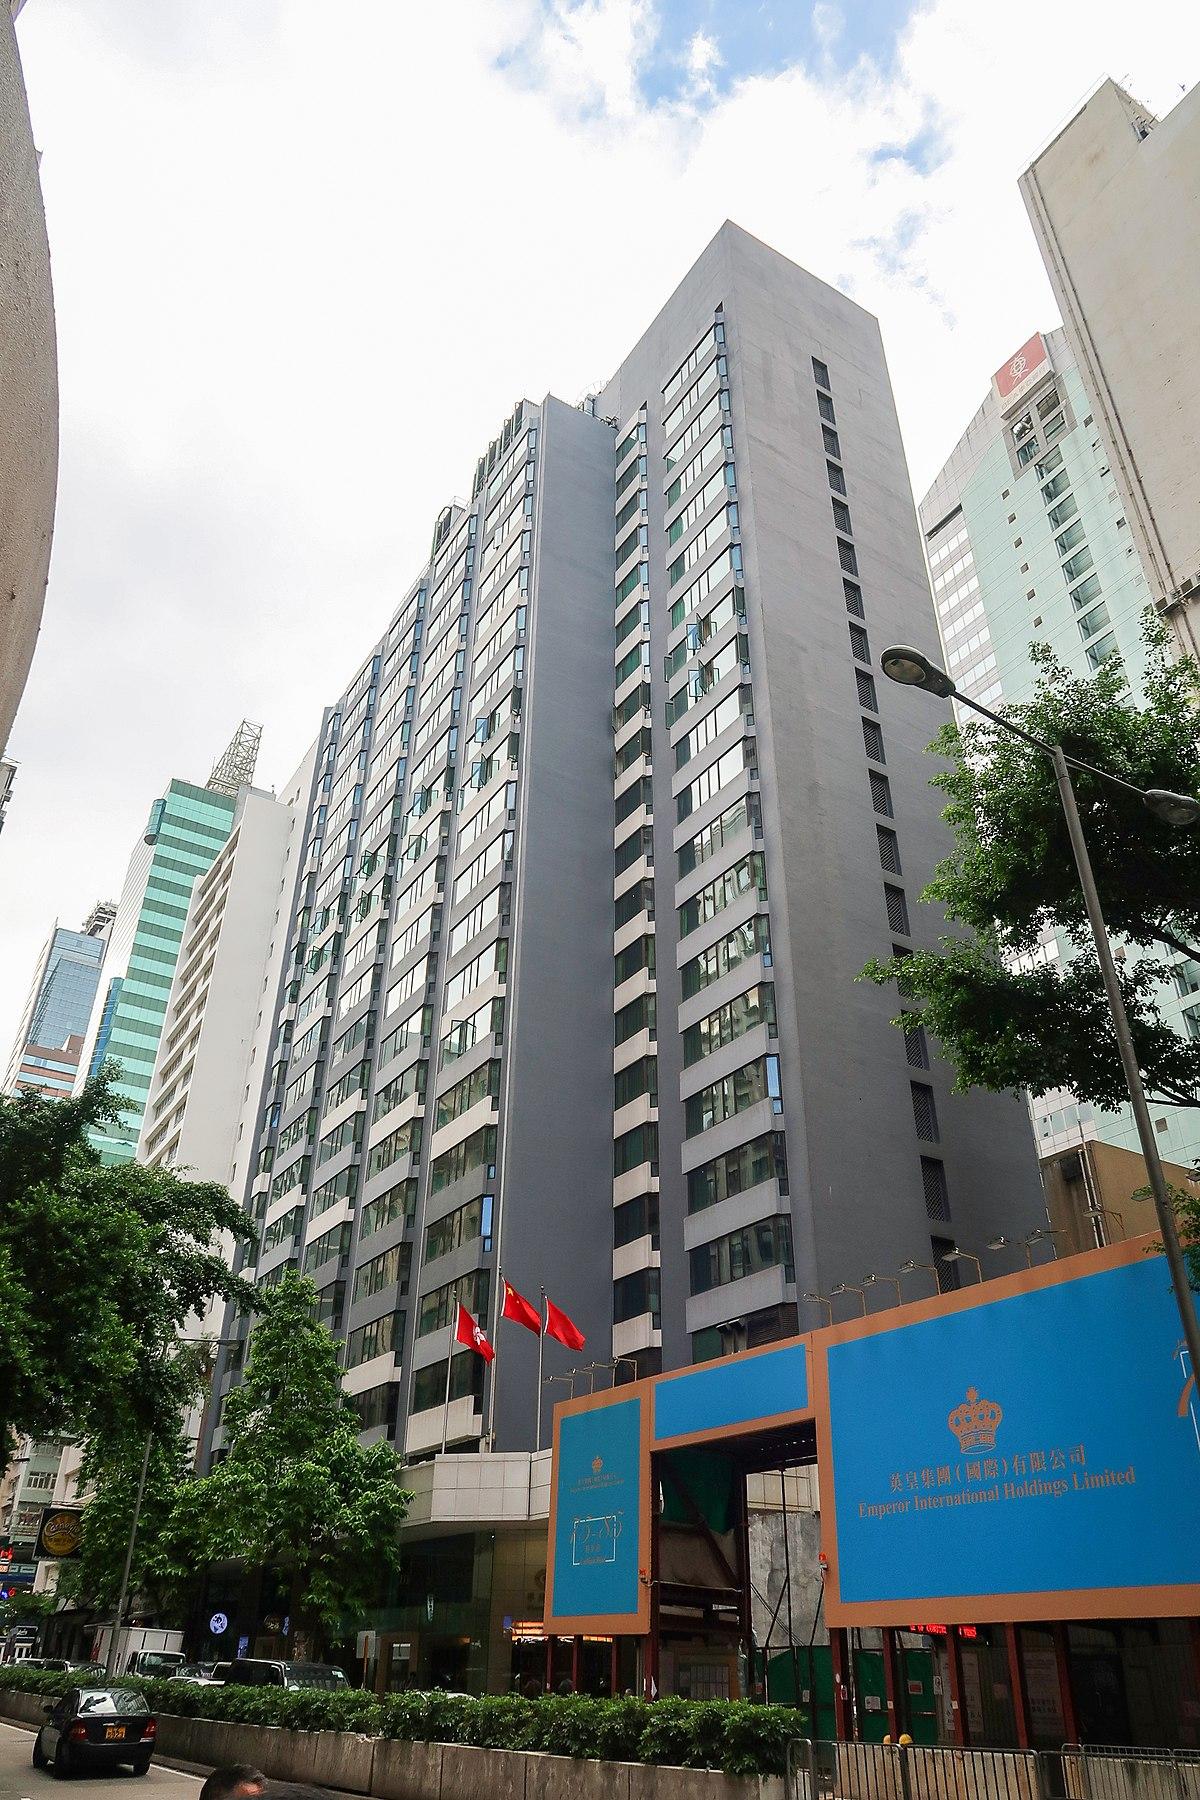 香港華美粵海酒店 - 維基百科,自由的百科全書